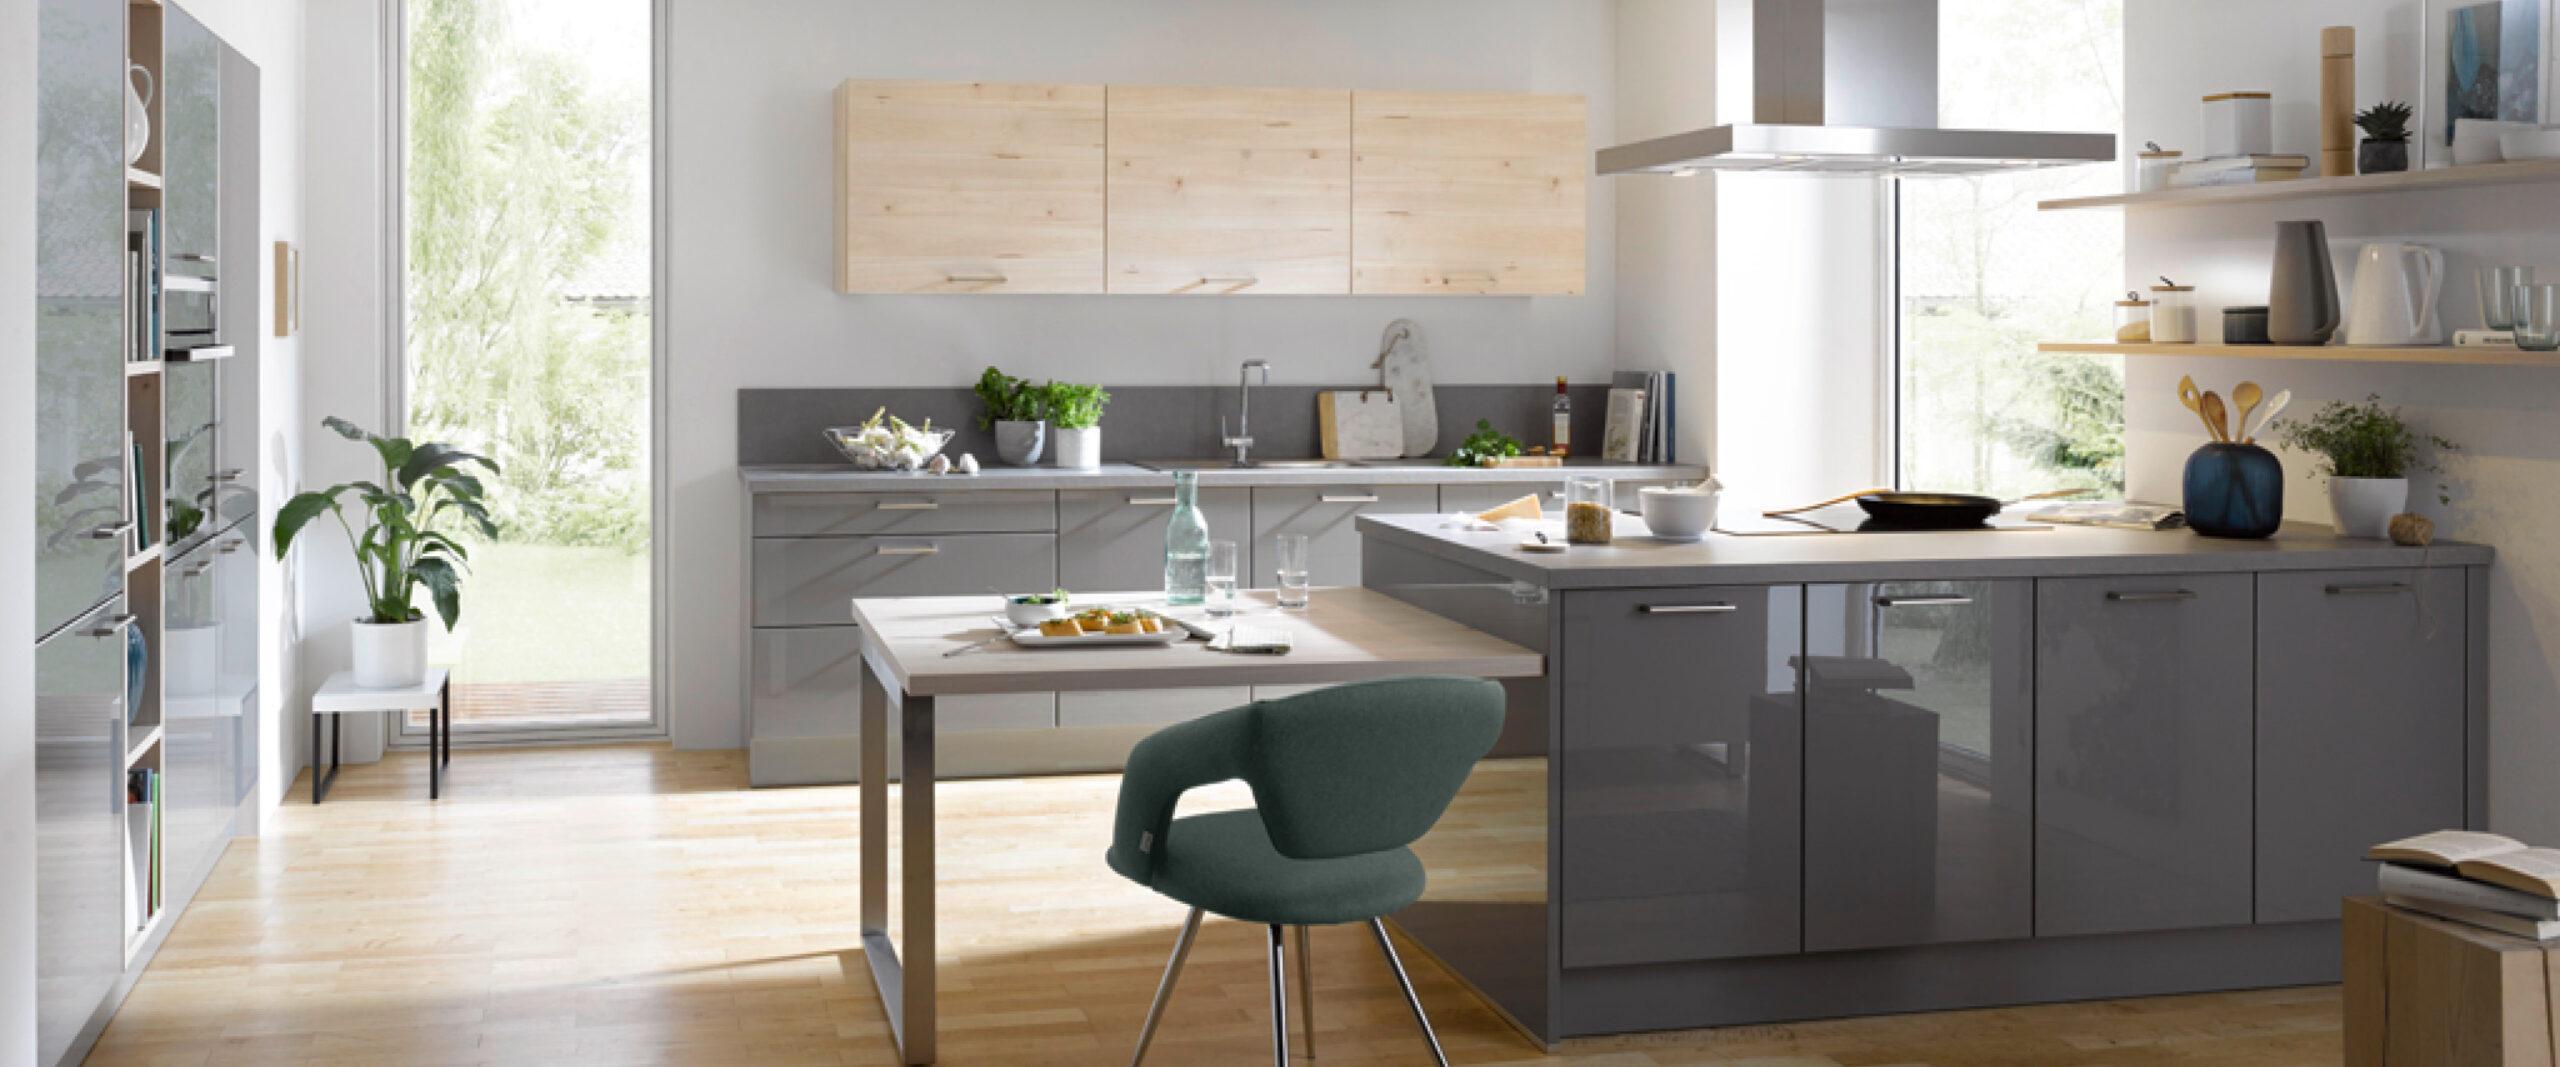 Full Size of Freistehende Küchen Kche Als Neues Wohnzimmer Einbaukchen Fr Ganze Familie Regal Küche Wohnzimmer Freistehende Küchen